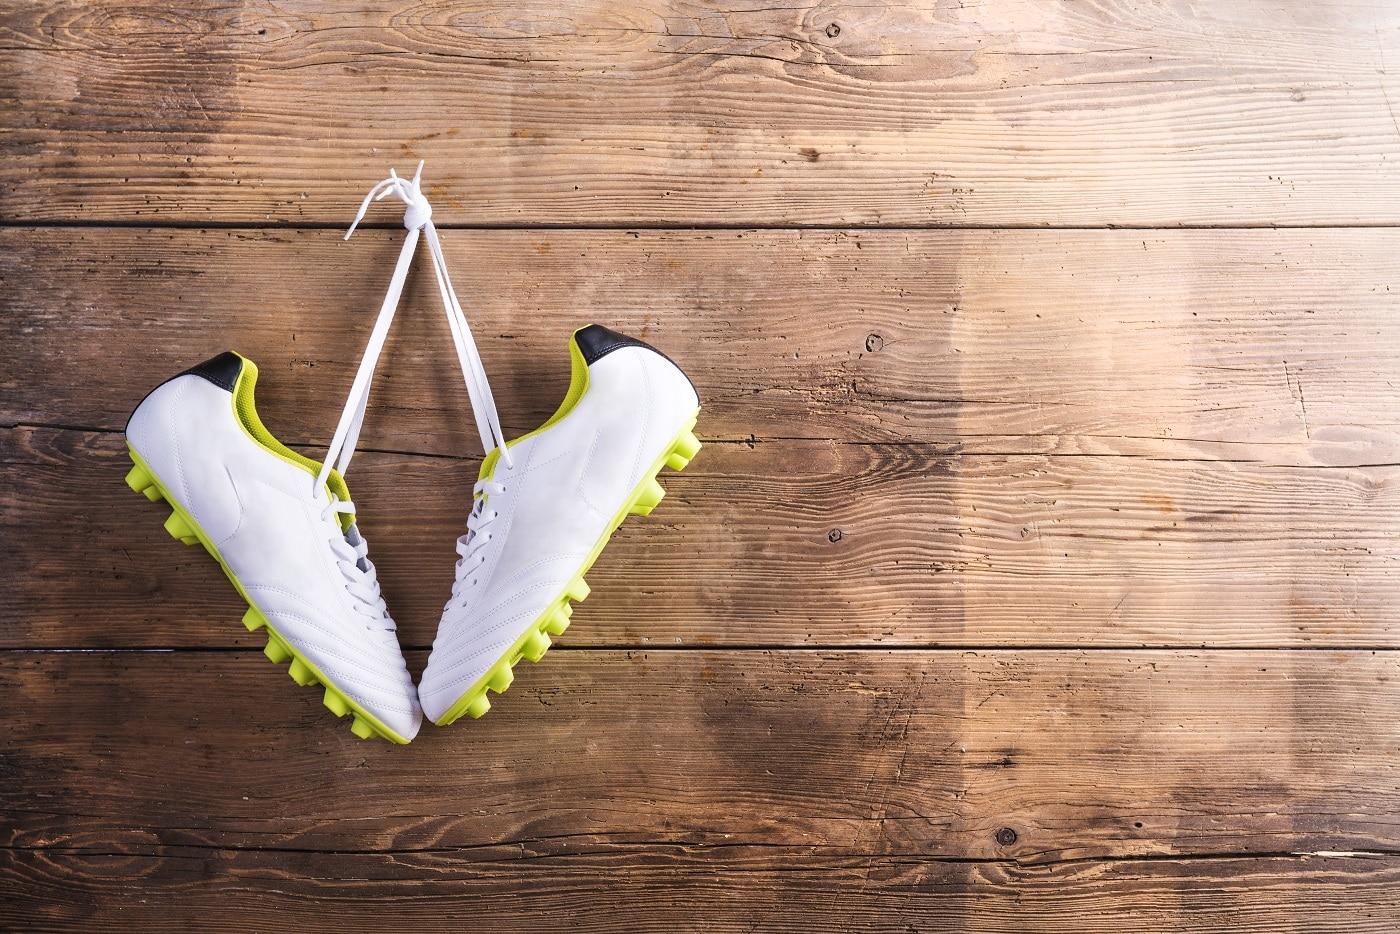 συμβουλες για να διαλέξεις ποδοσφαιρικά παπούτσια